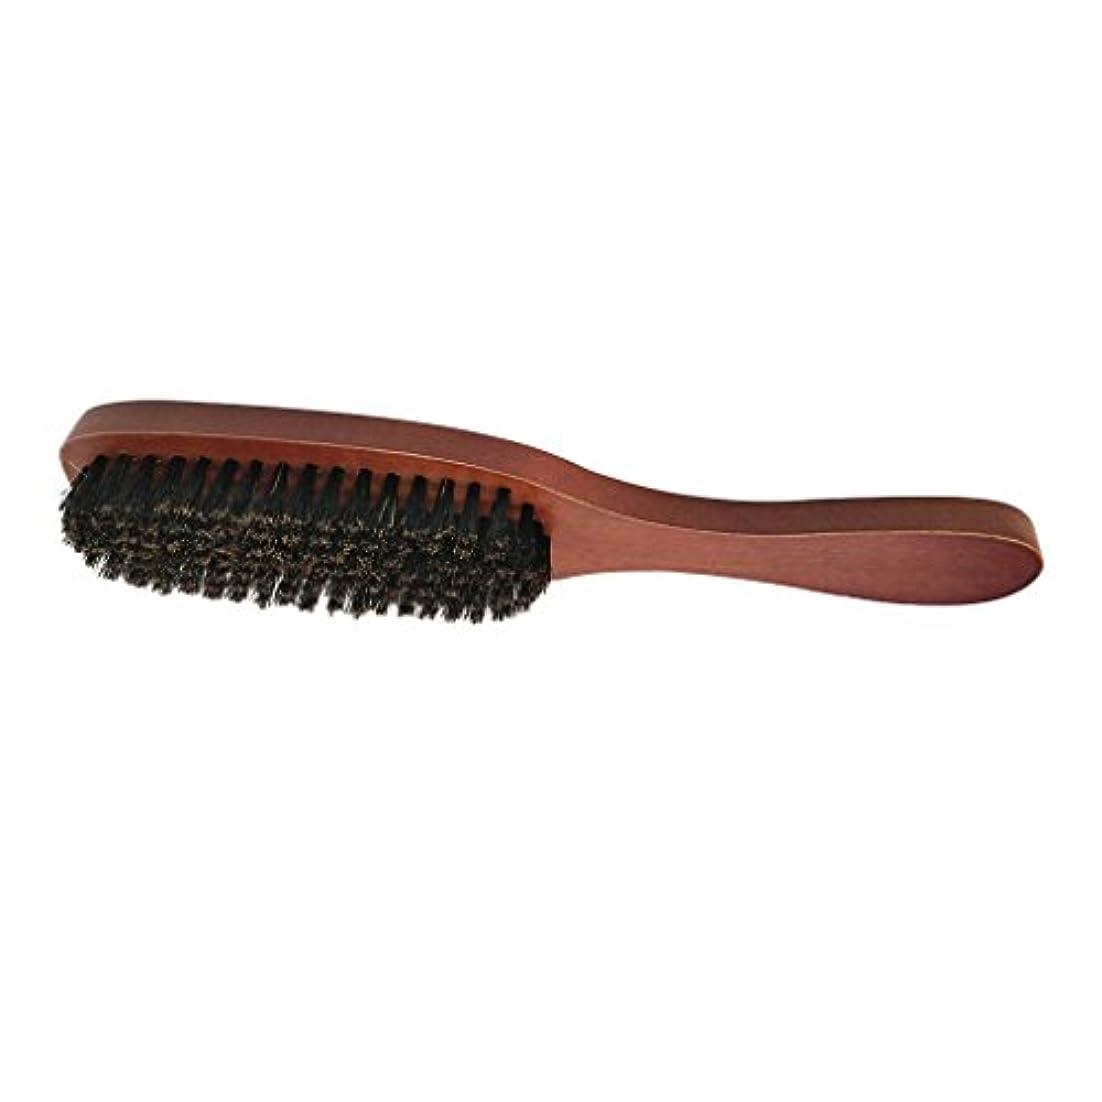 耐えられる沿って隣接する男性ナチュラルしっかり剛毛ブラシひげ口ひげスタイリンググルーミングシェービング木製ハンドルくしすべてのひげバーム&オイル - #1